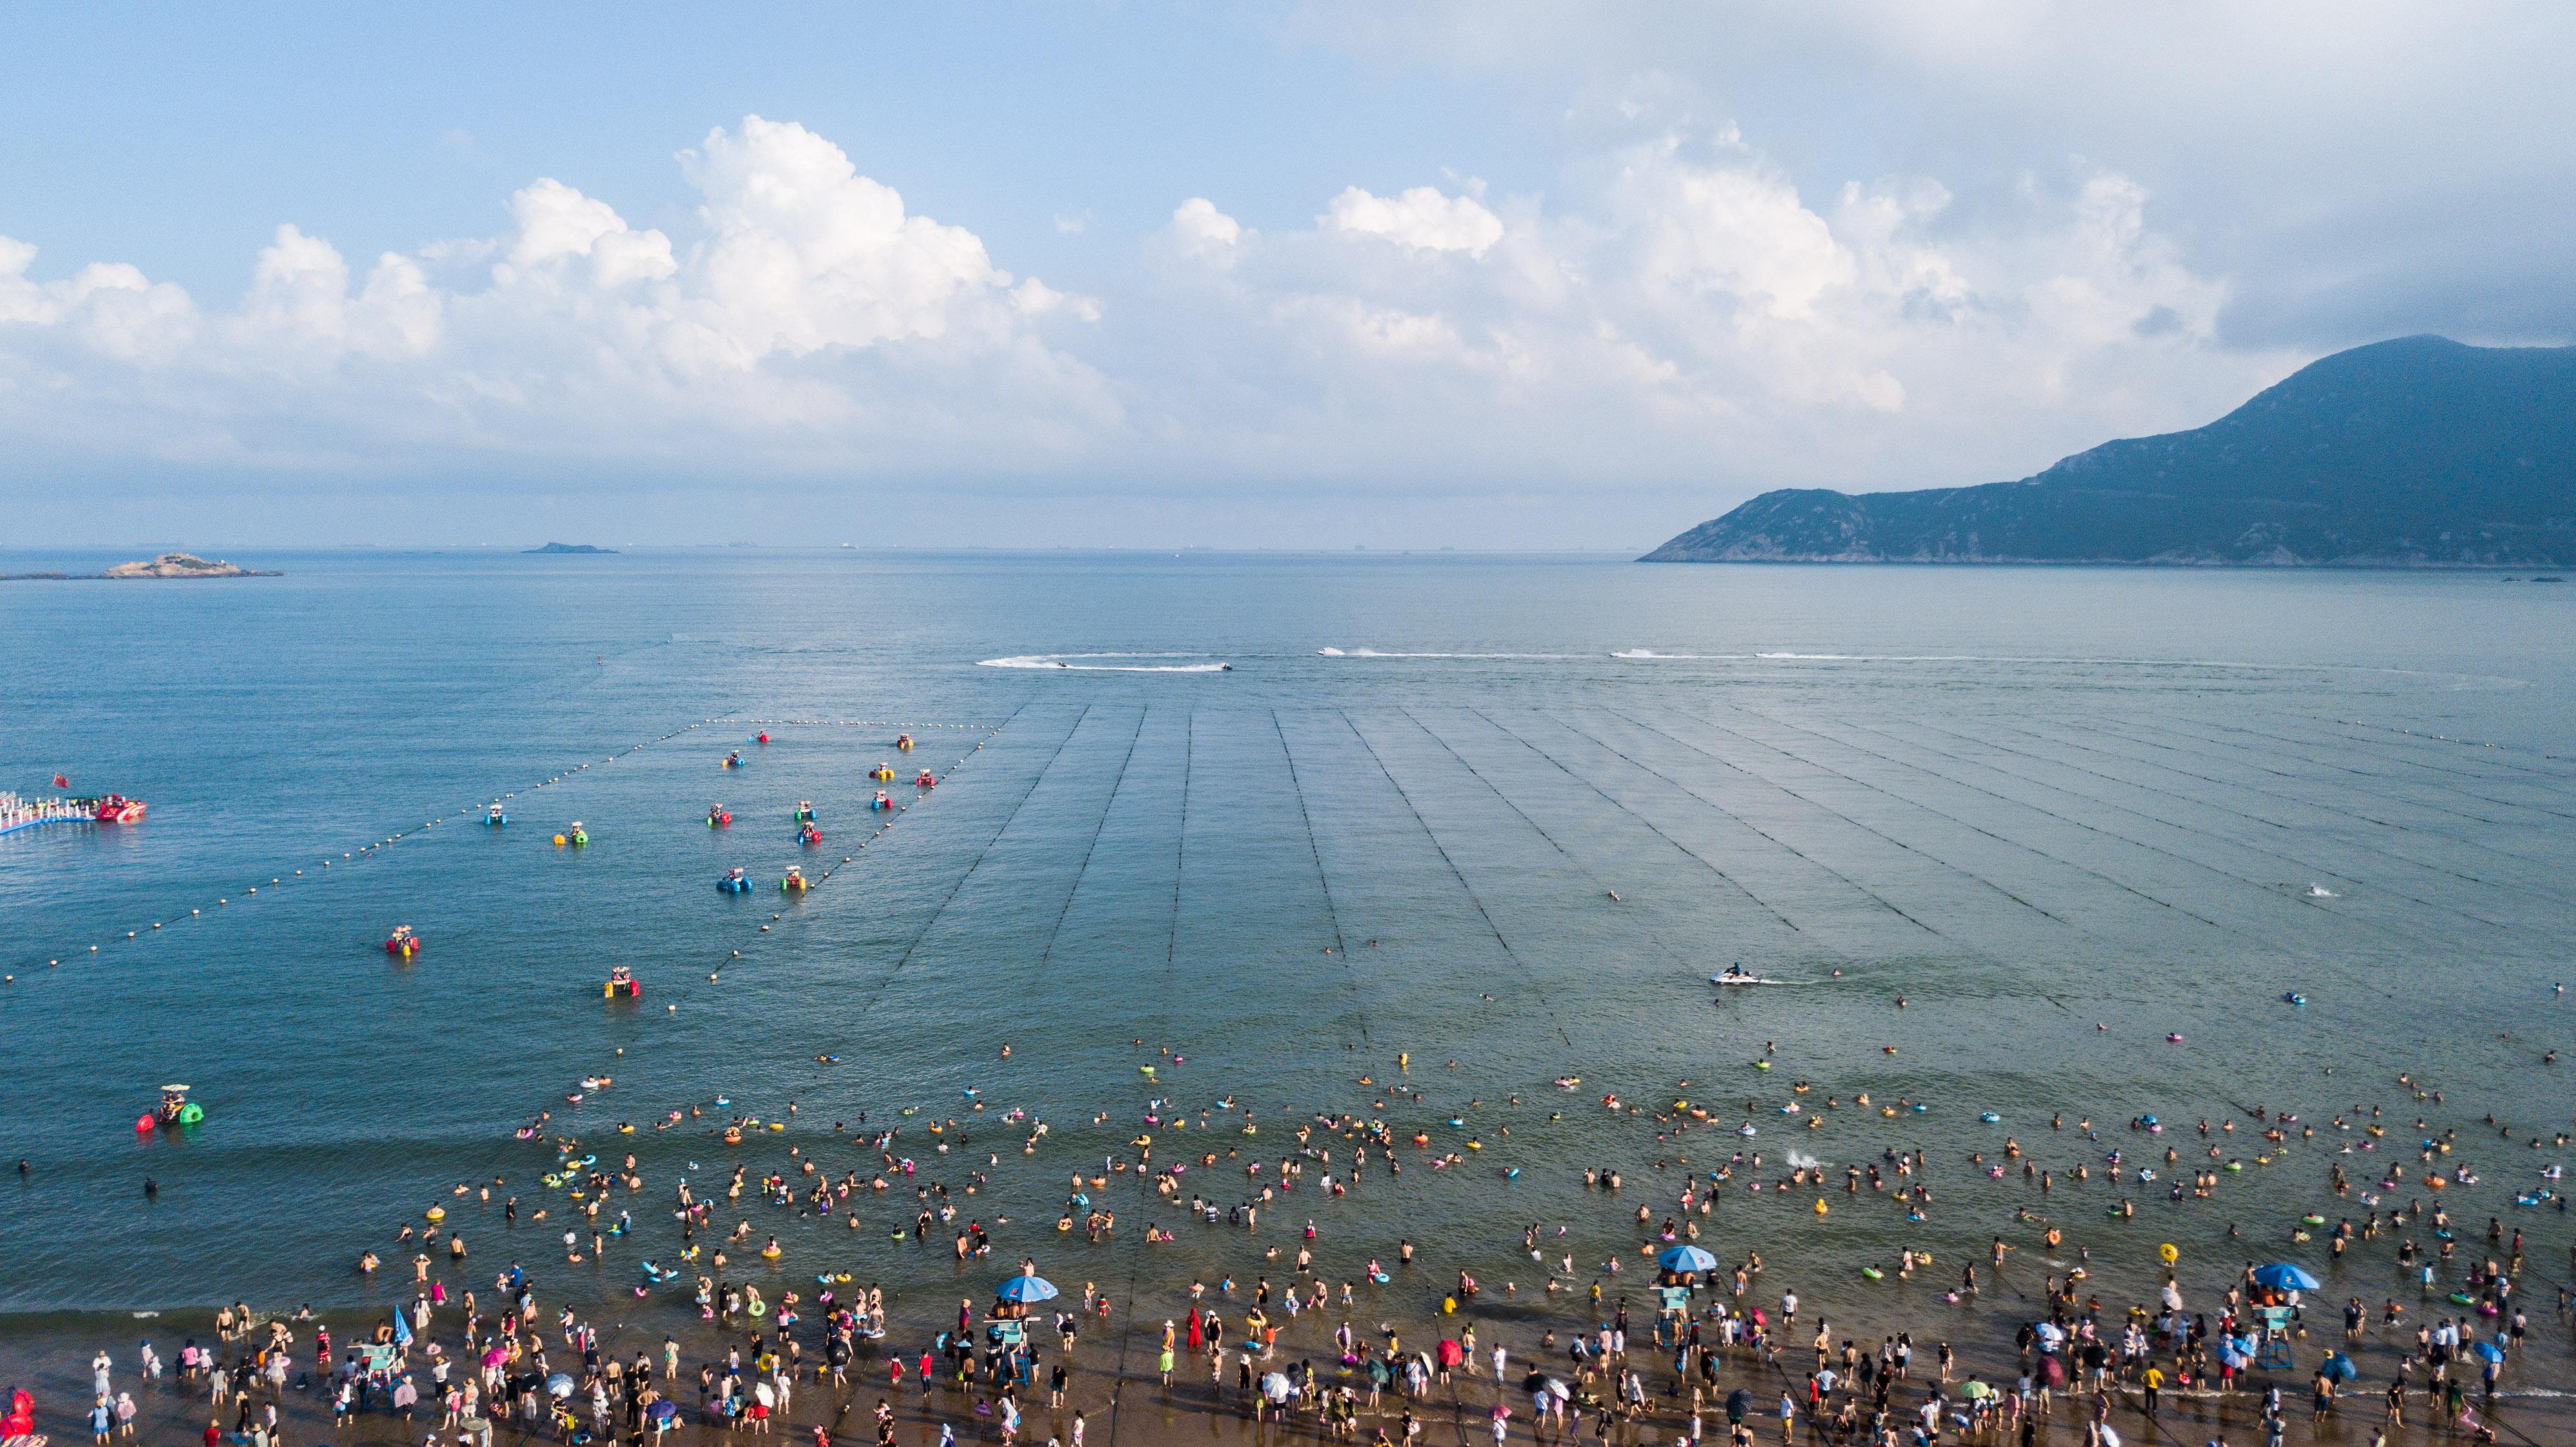 A tourism boom in Zhujiajian - Xinhua | English.news.cn